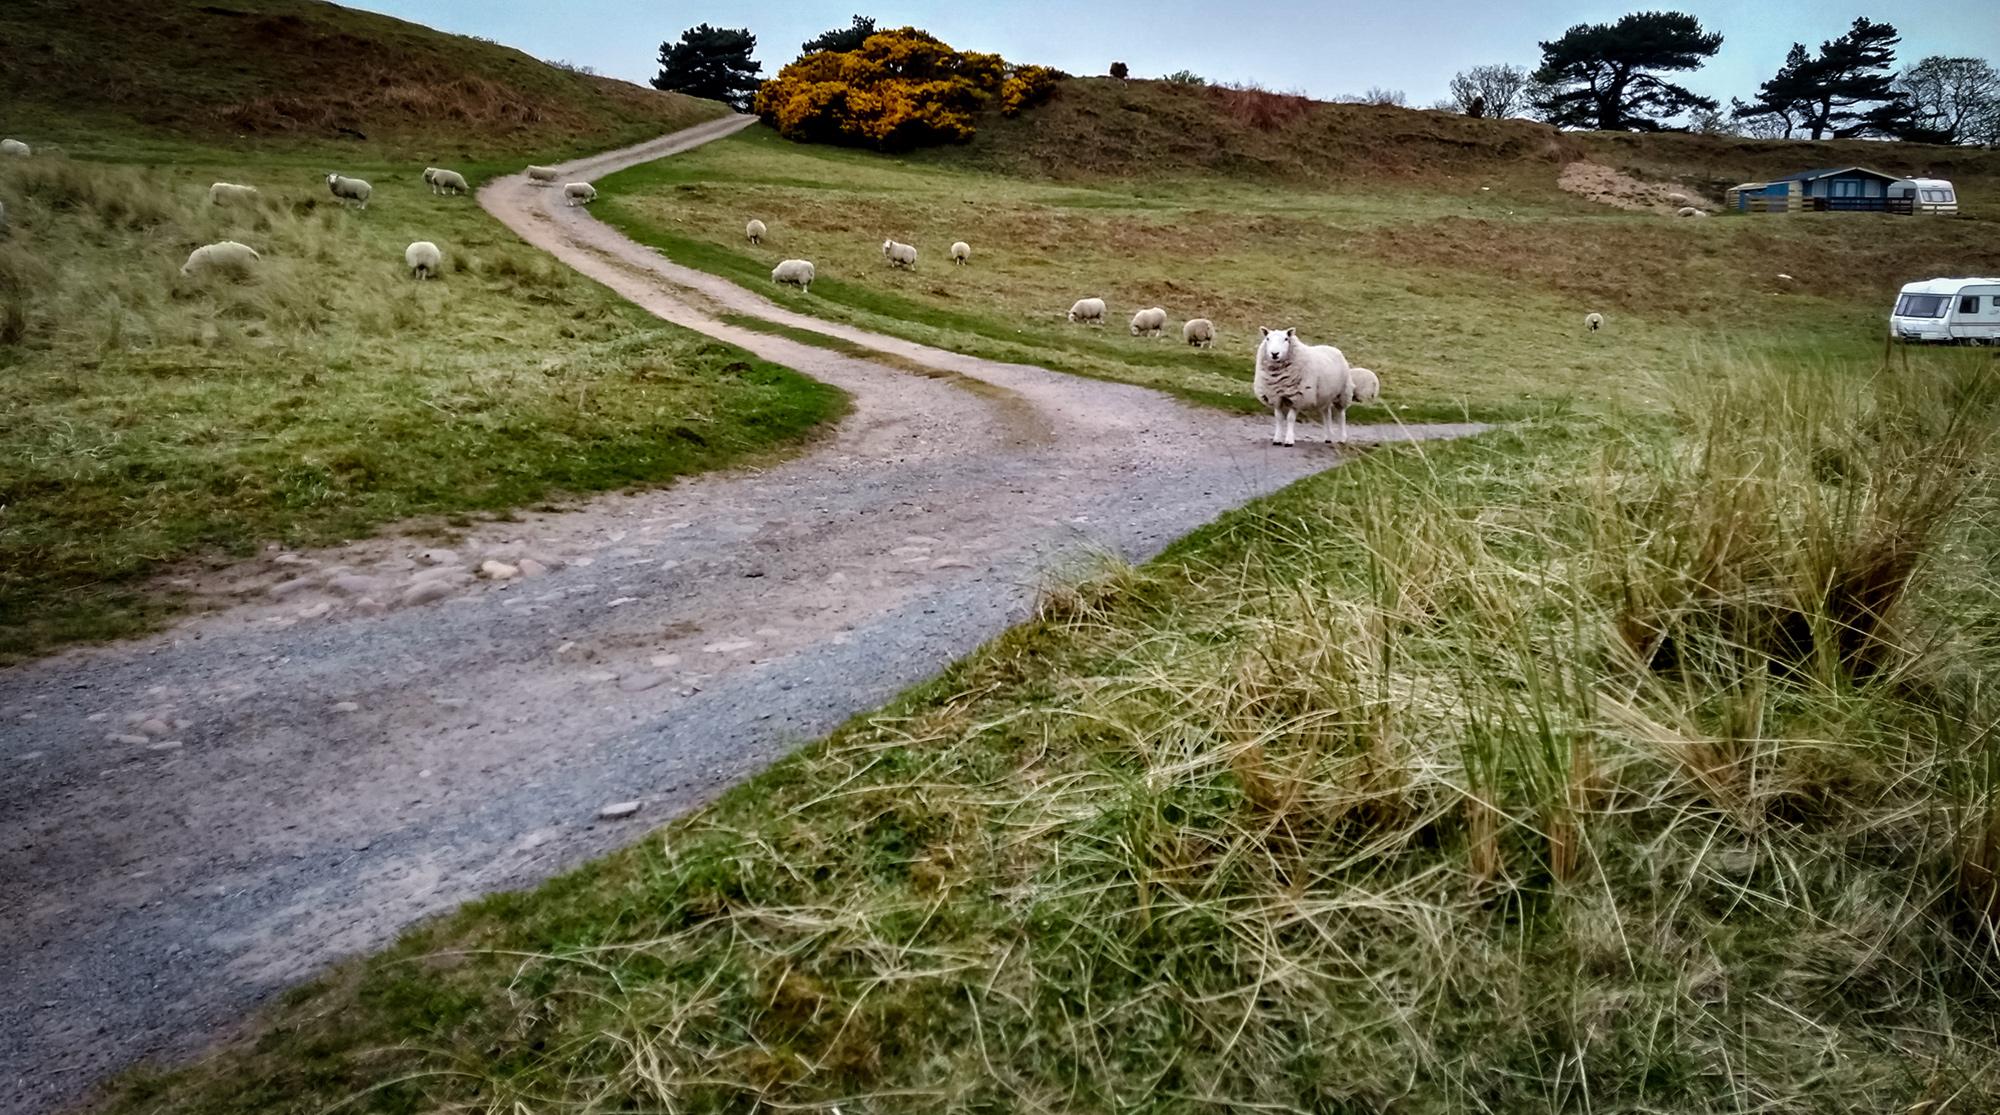 Schafe auf einem Campingplatz